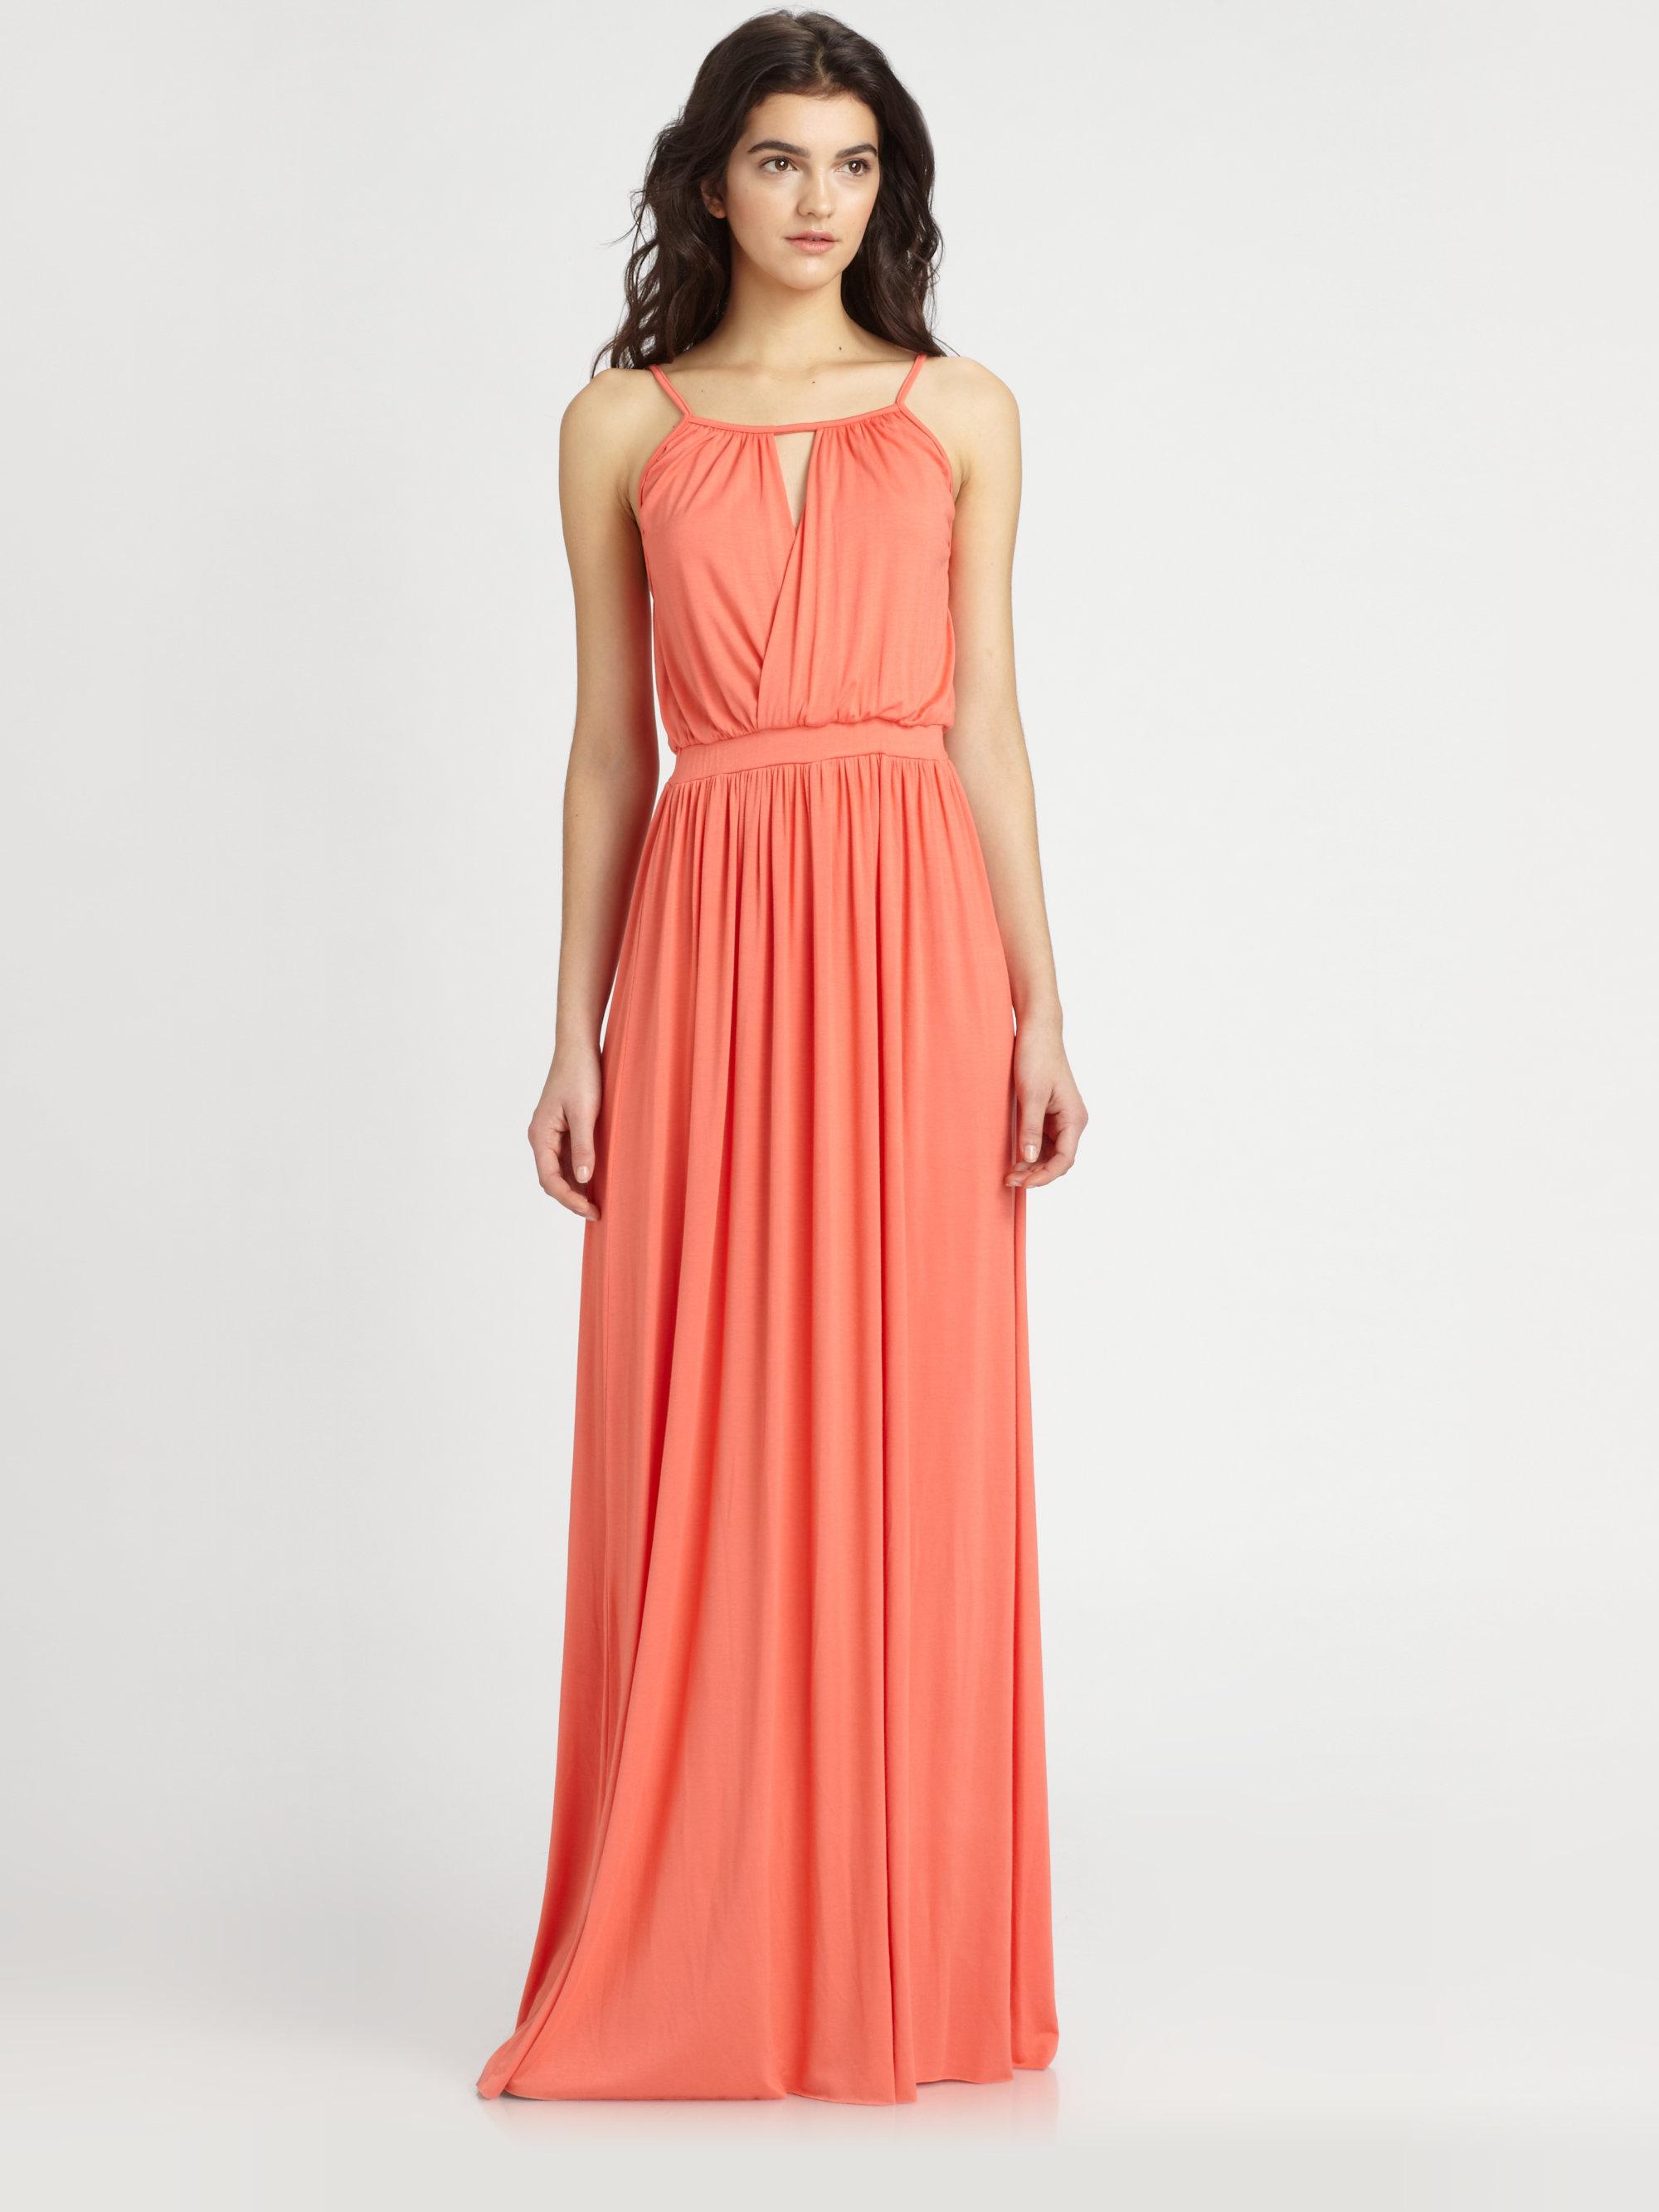 Rachel pally Rhiannon Maxi Dress in Orange  Lyst